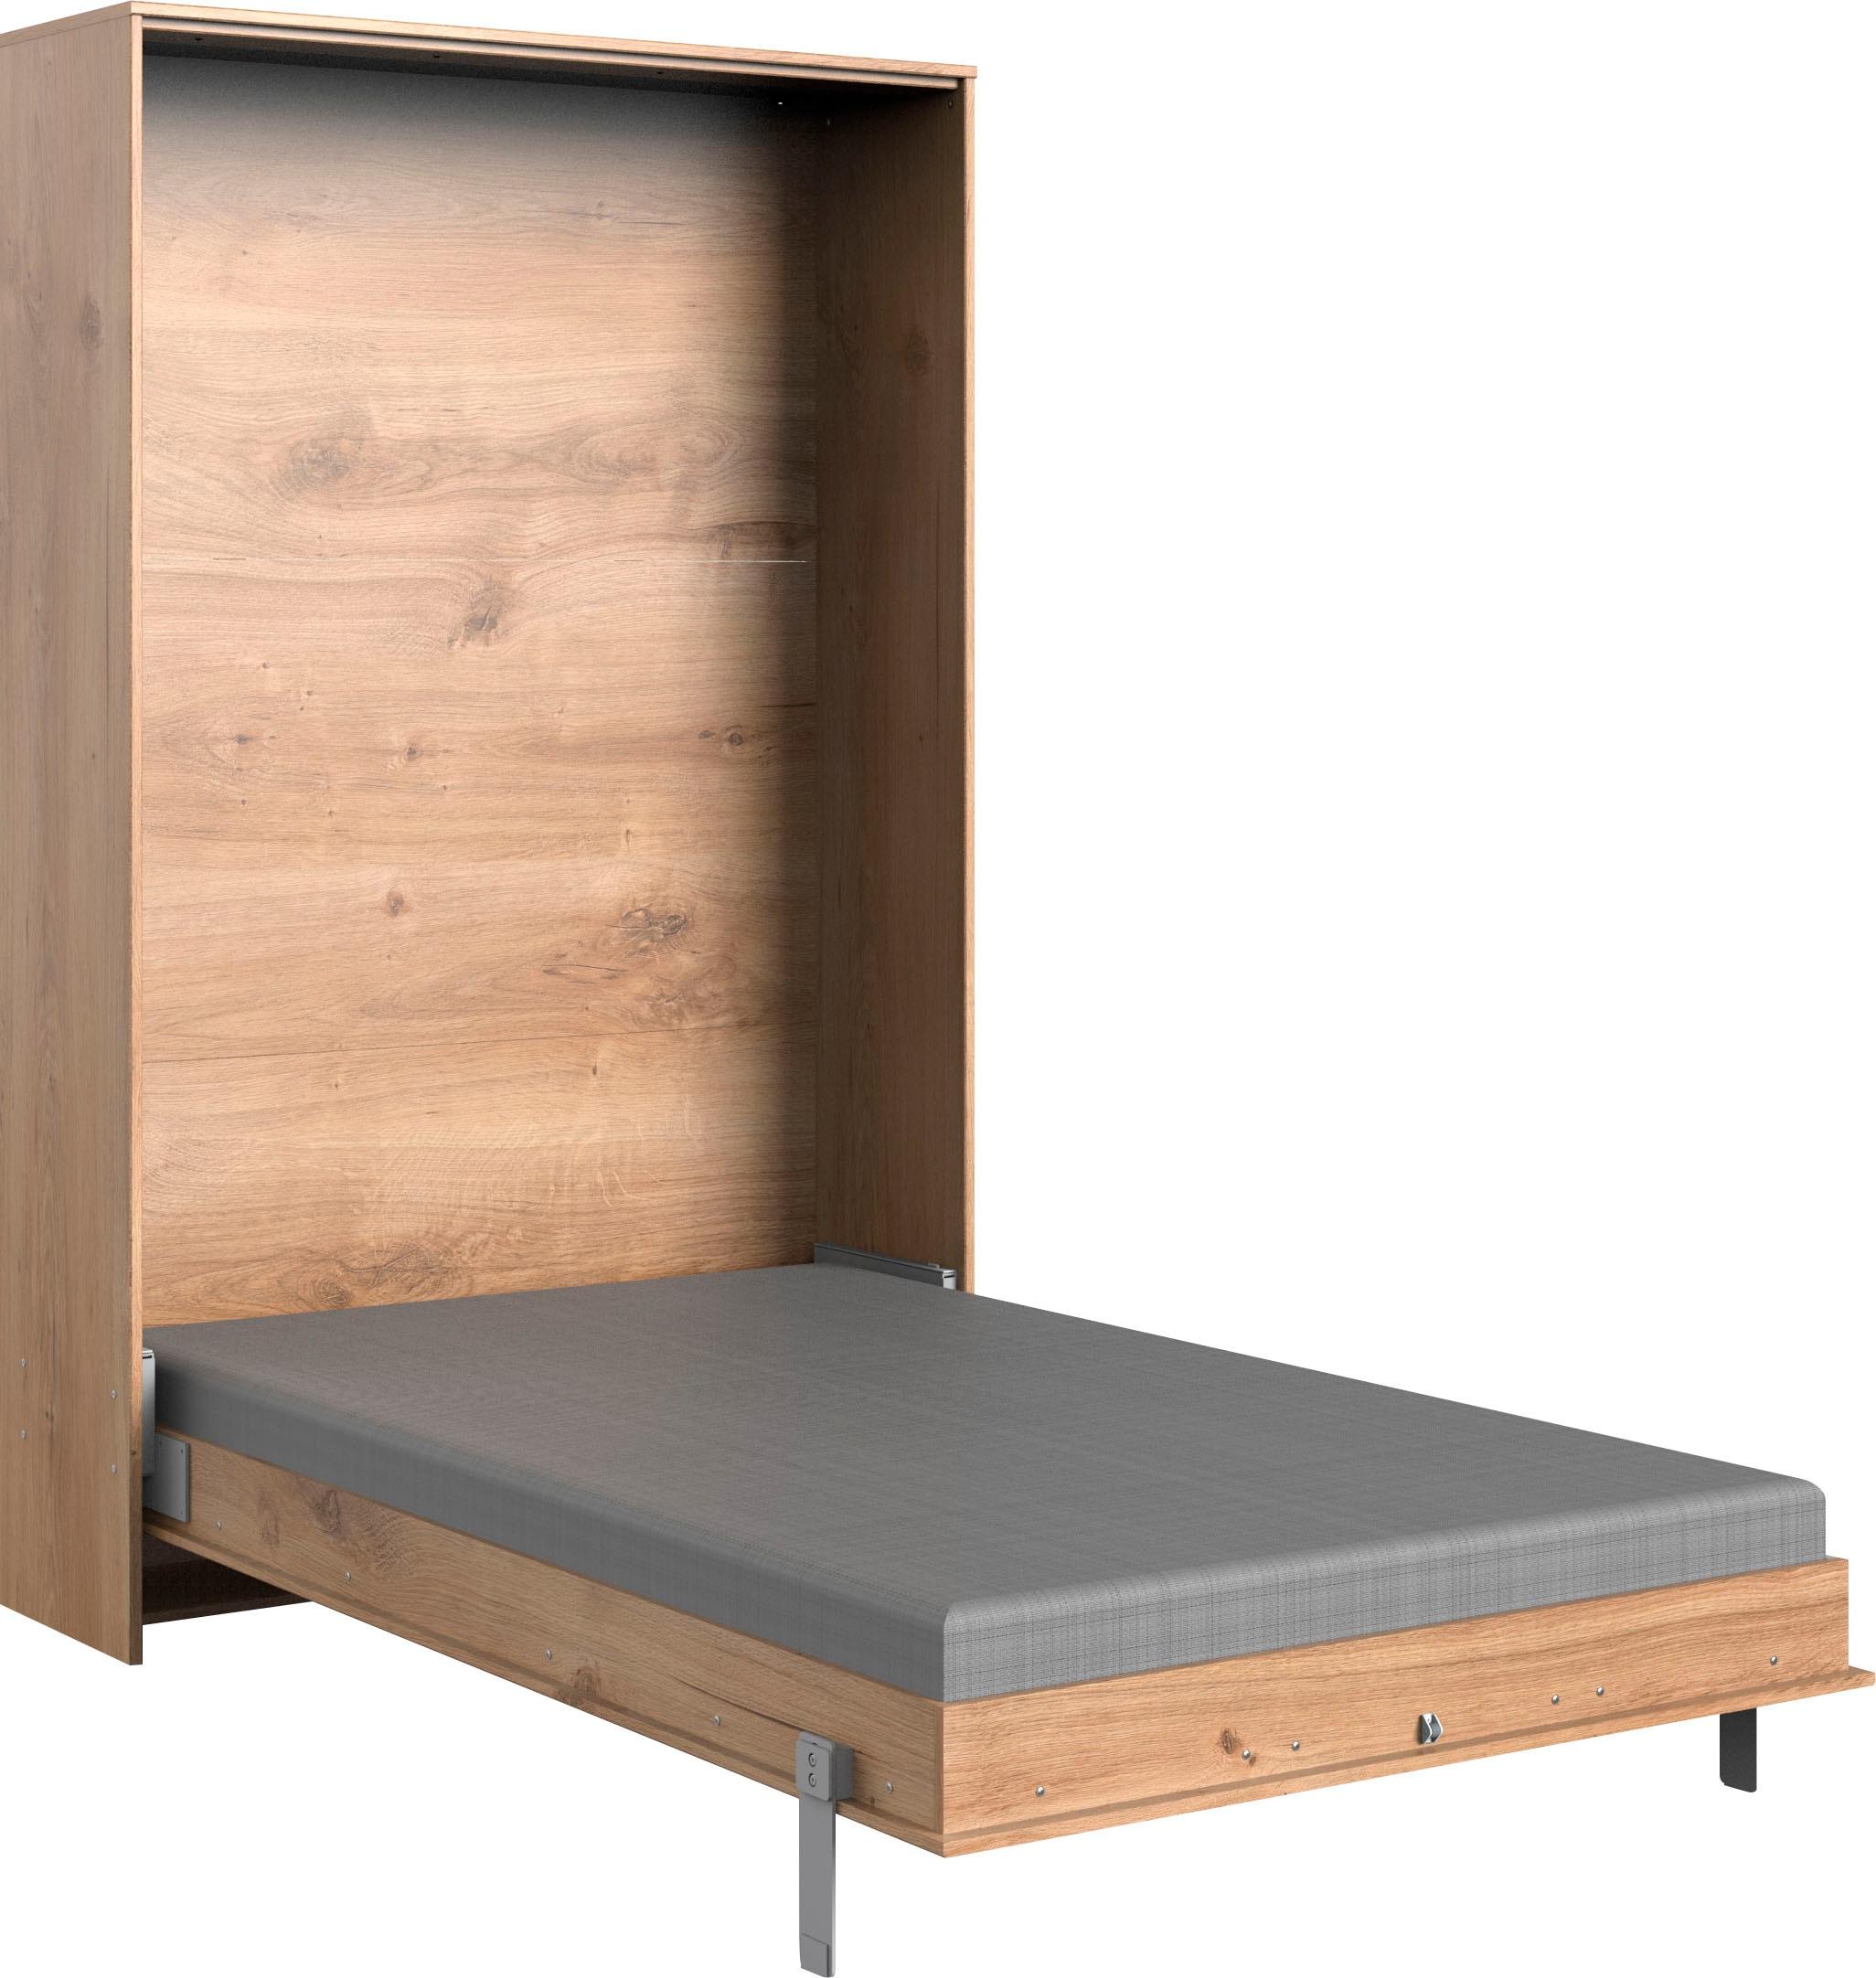 Wimex Schrankbett Juist | Schlafzimmer > Betten > Schrankbetten | Wimex